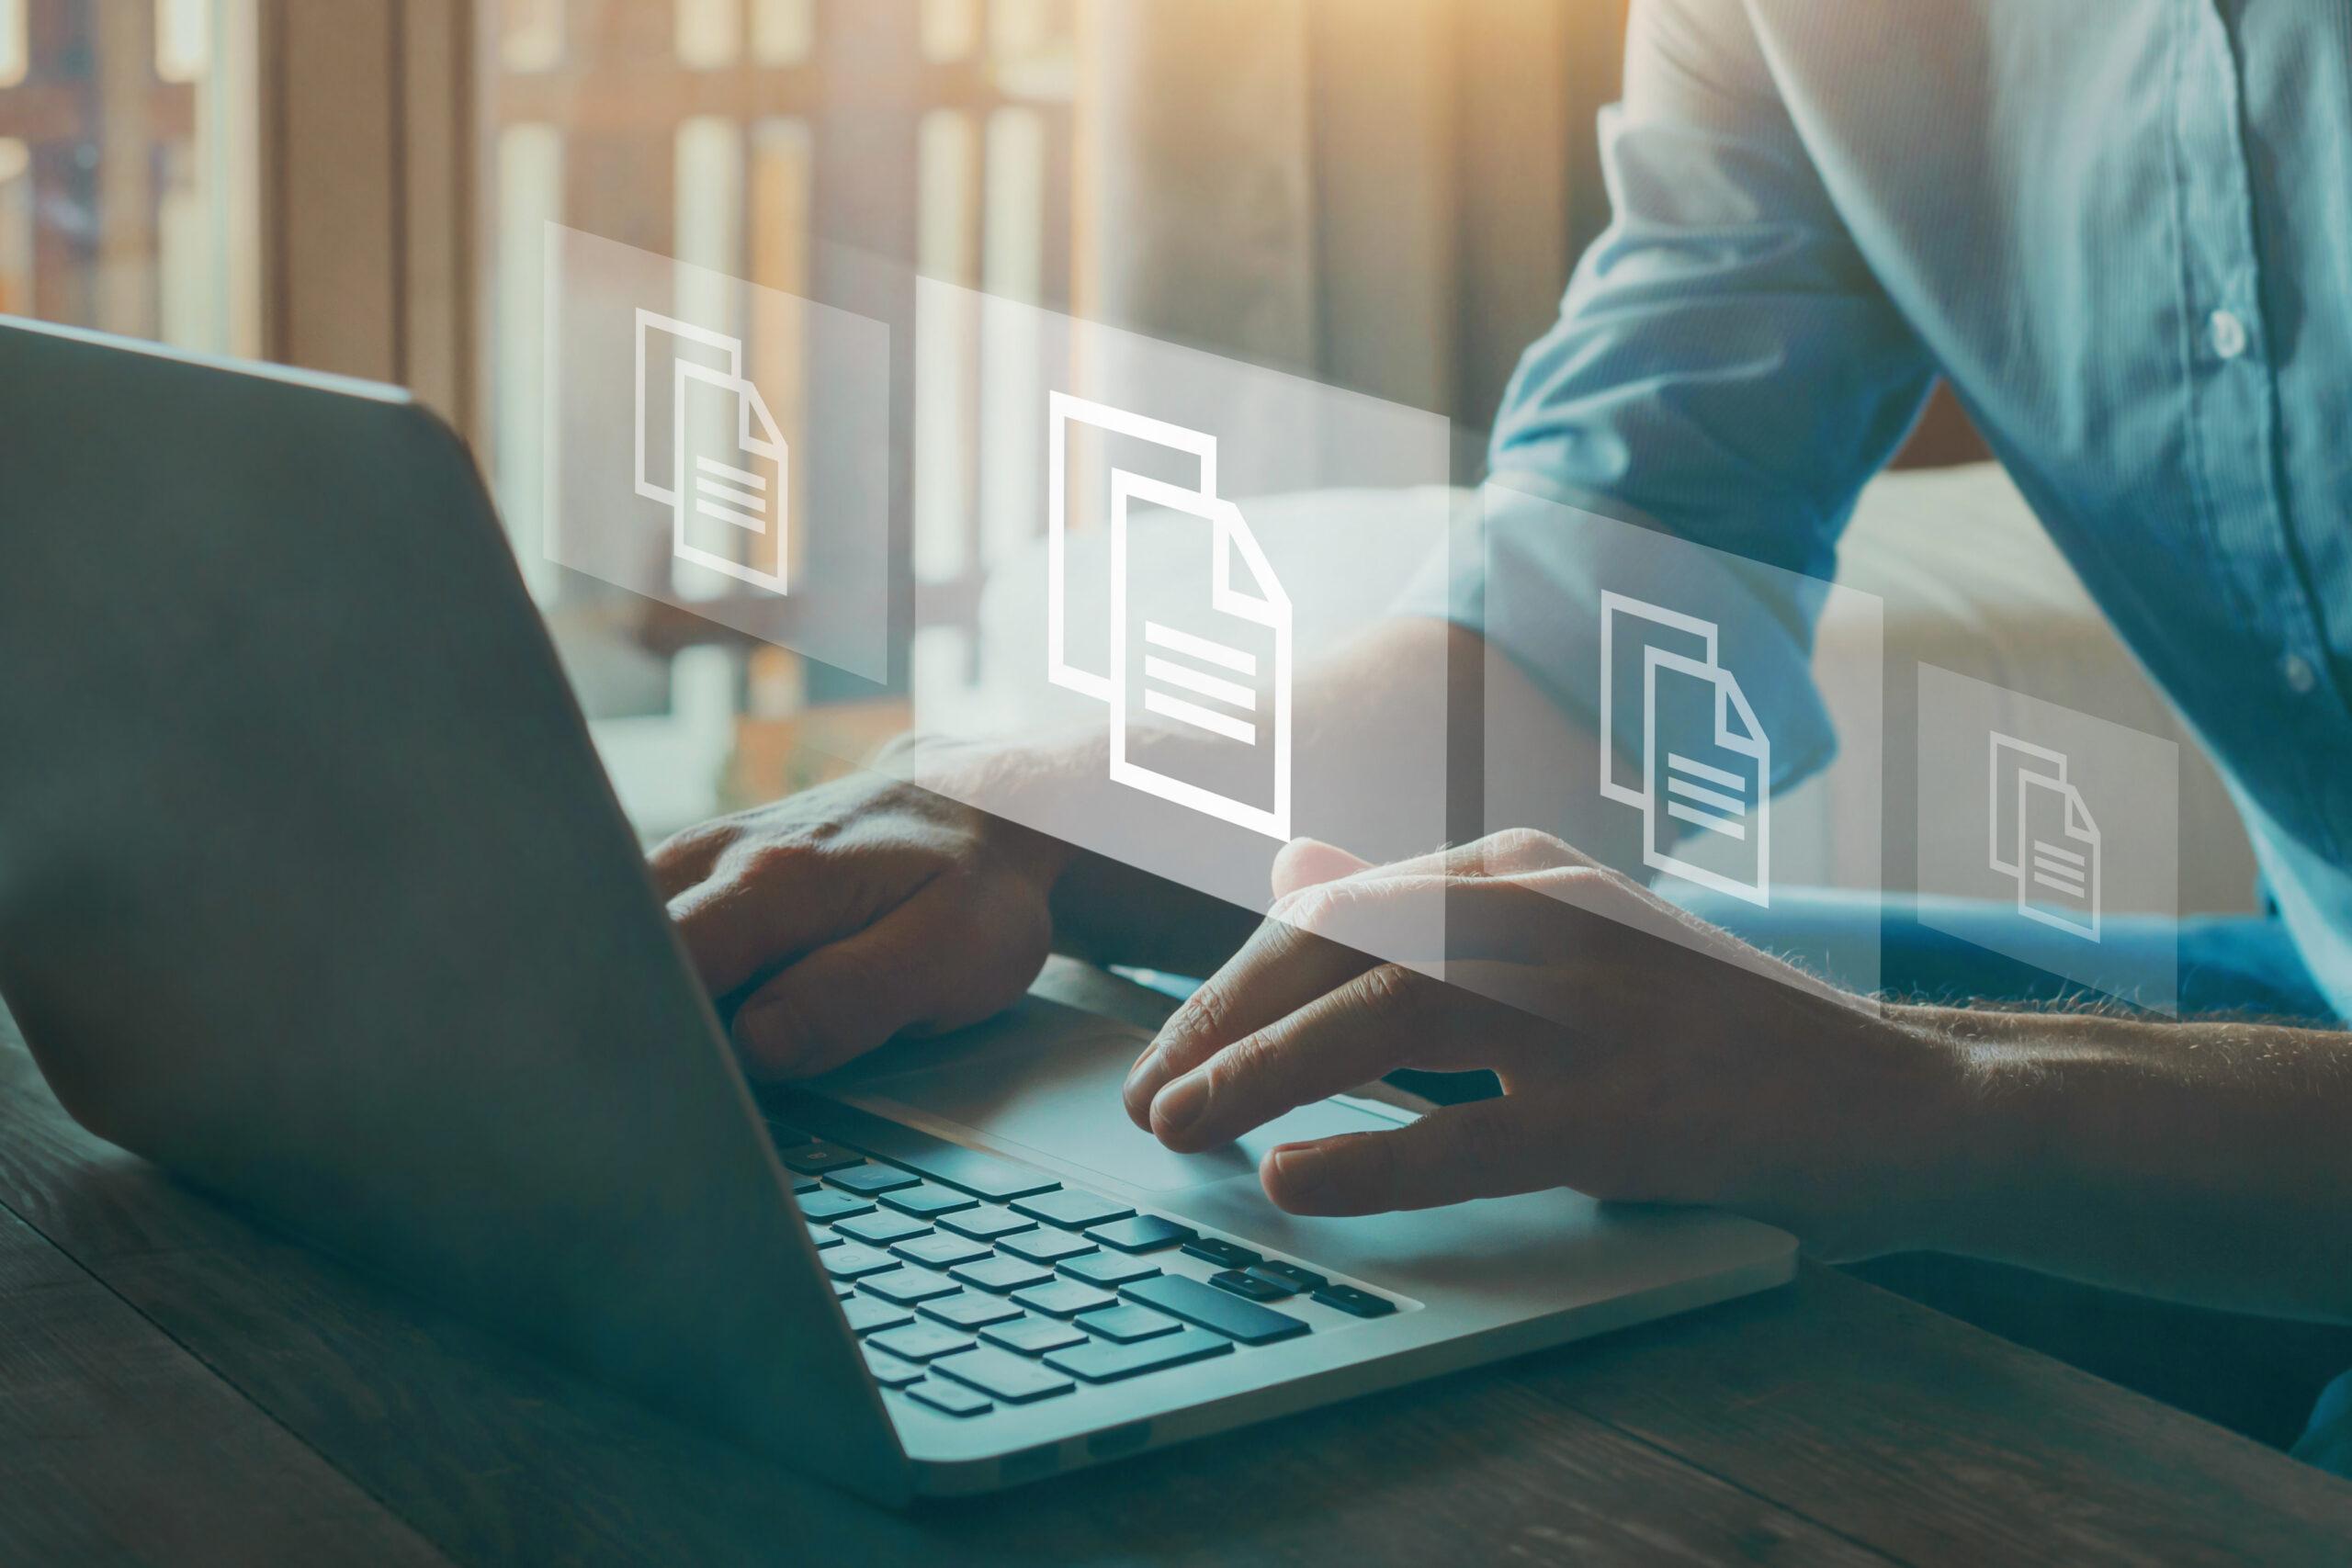 Dokumentenmanagement und digitale Geschäftsprozesse mit WOWIPORT